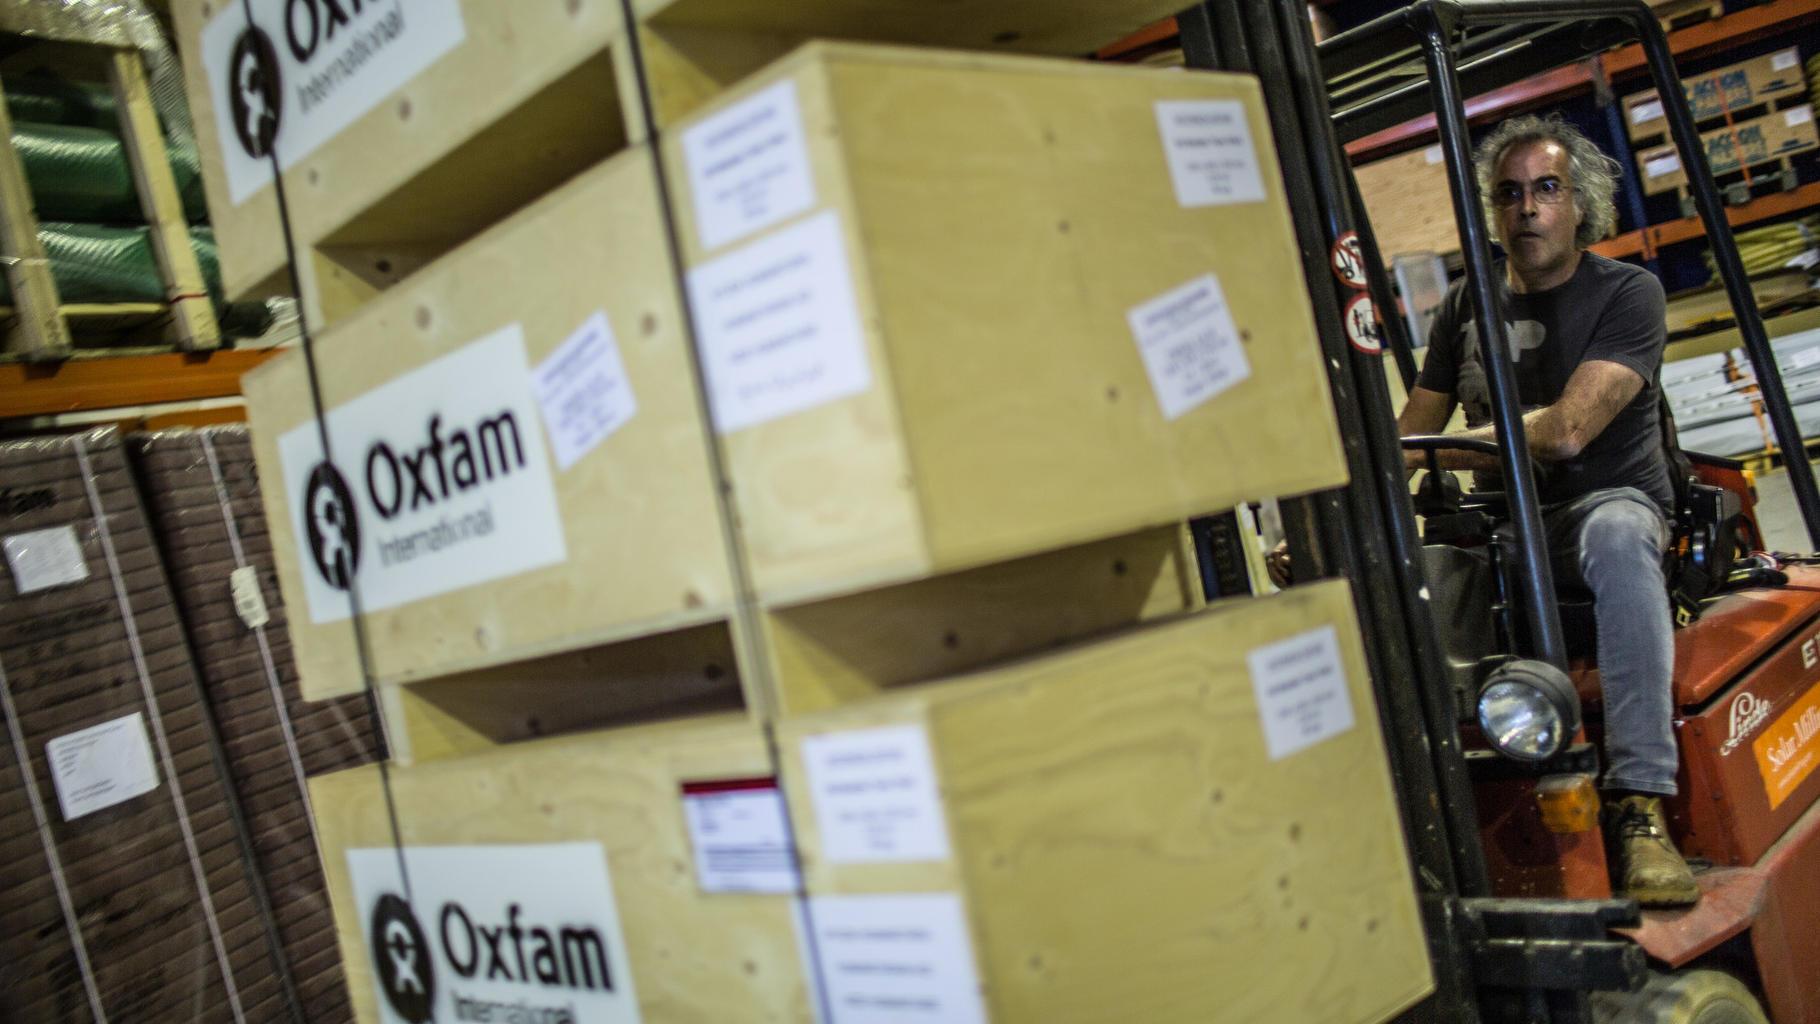 Oxfam Lagerhaus in Barcelona